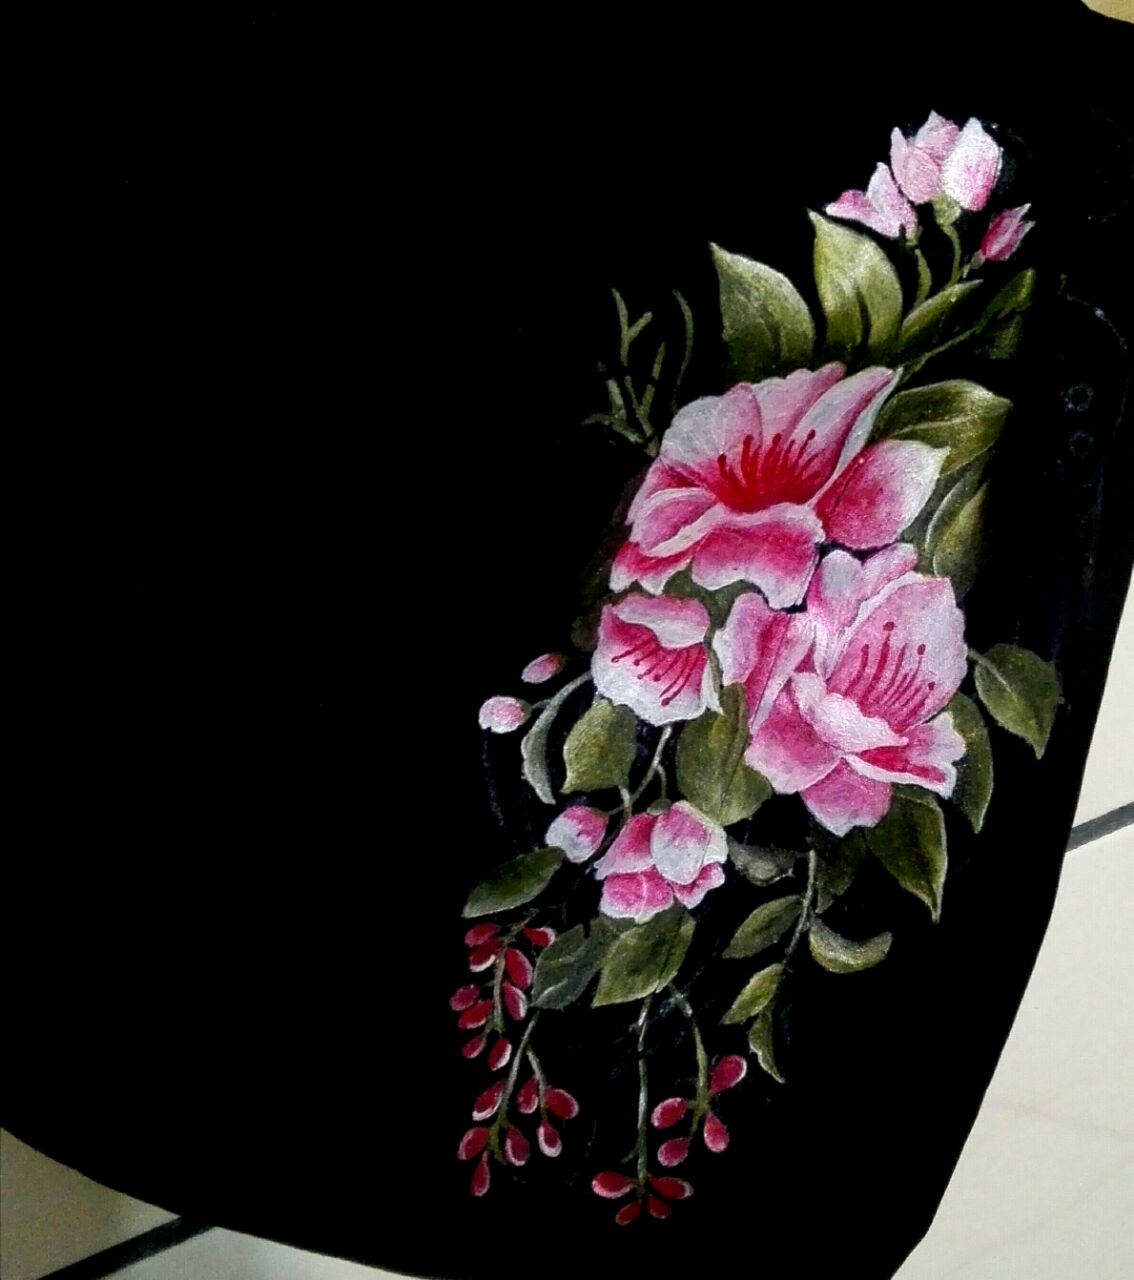 نقاشی گل رز روی مانتو